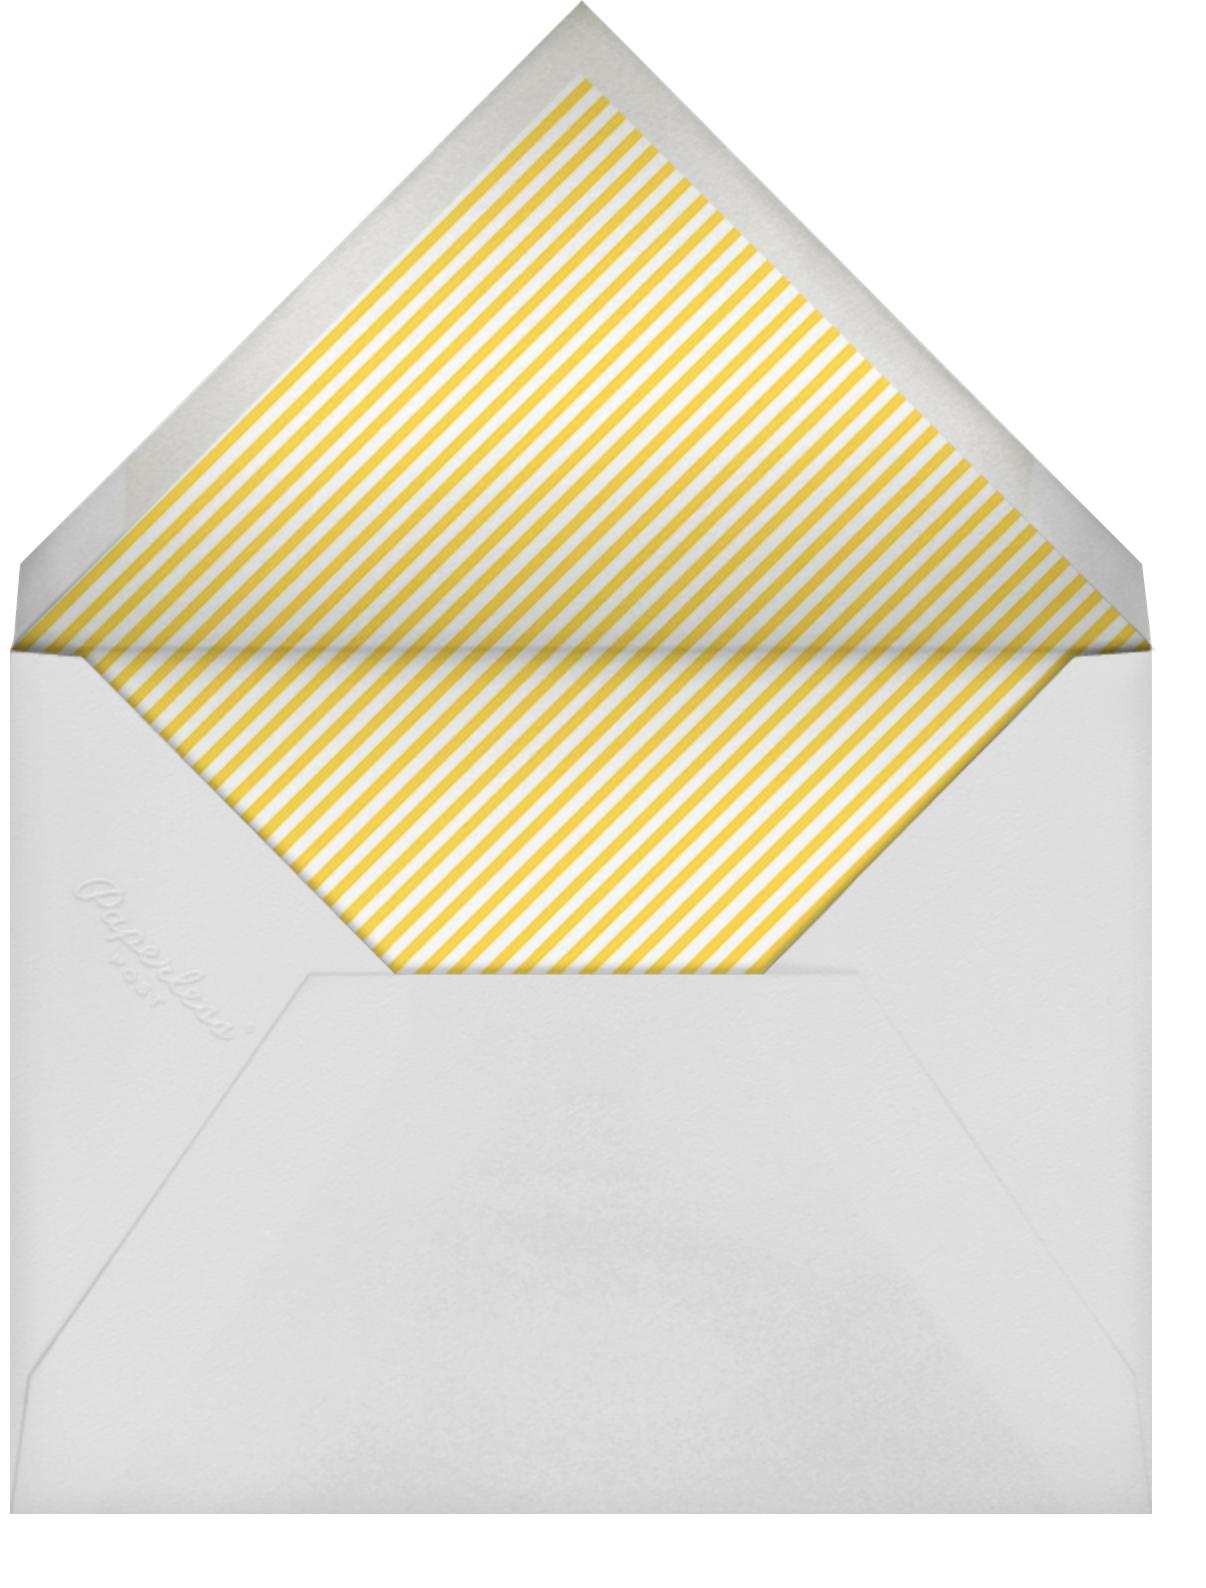 Lollipop - Lemon - Mr. Boddington's Studio - Envelope